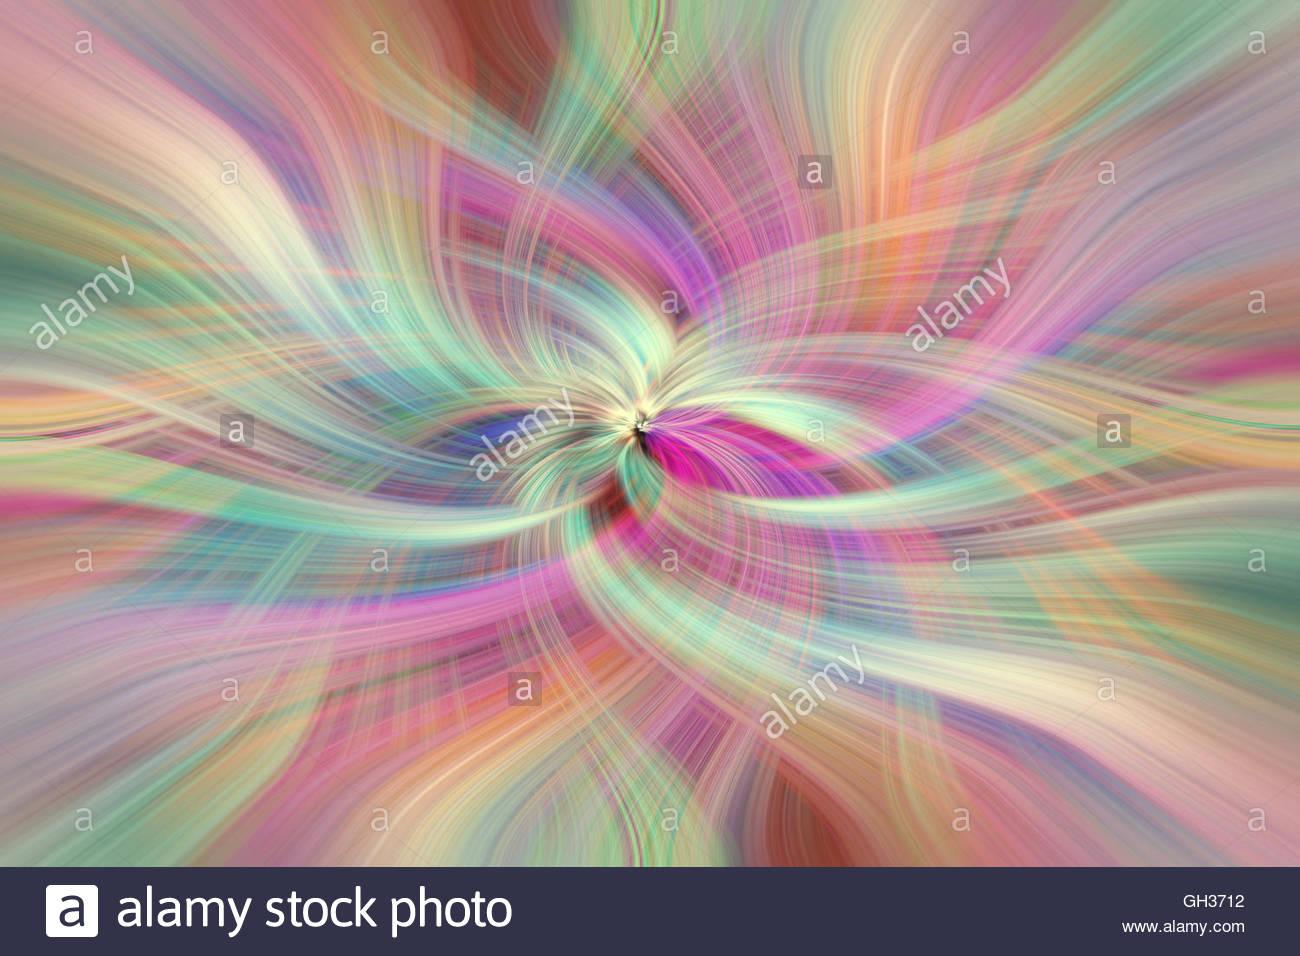 Arcobaleno colorato patters astratta orizzontale. Concetto di virtù Divina. I valori umani Immagini Stock